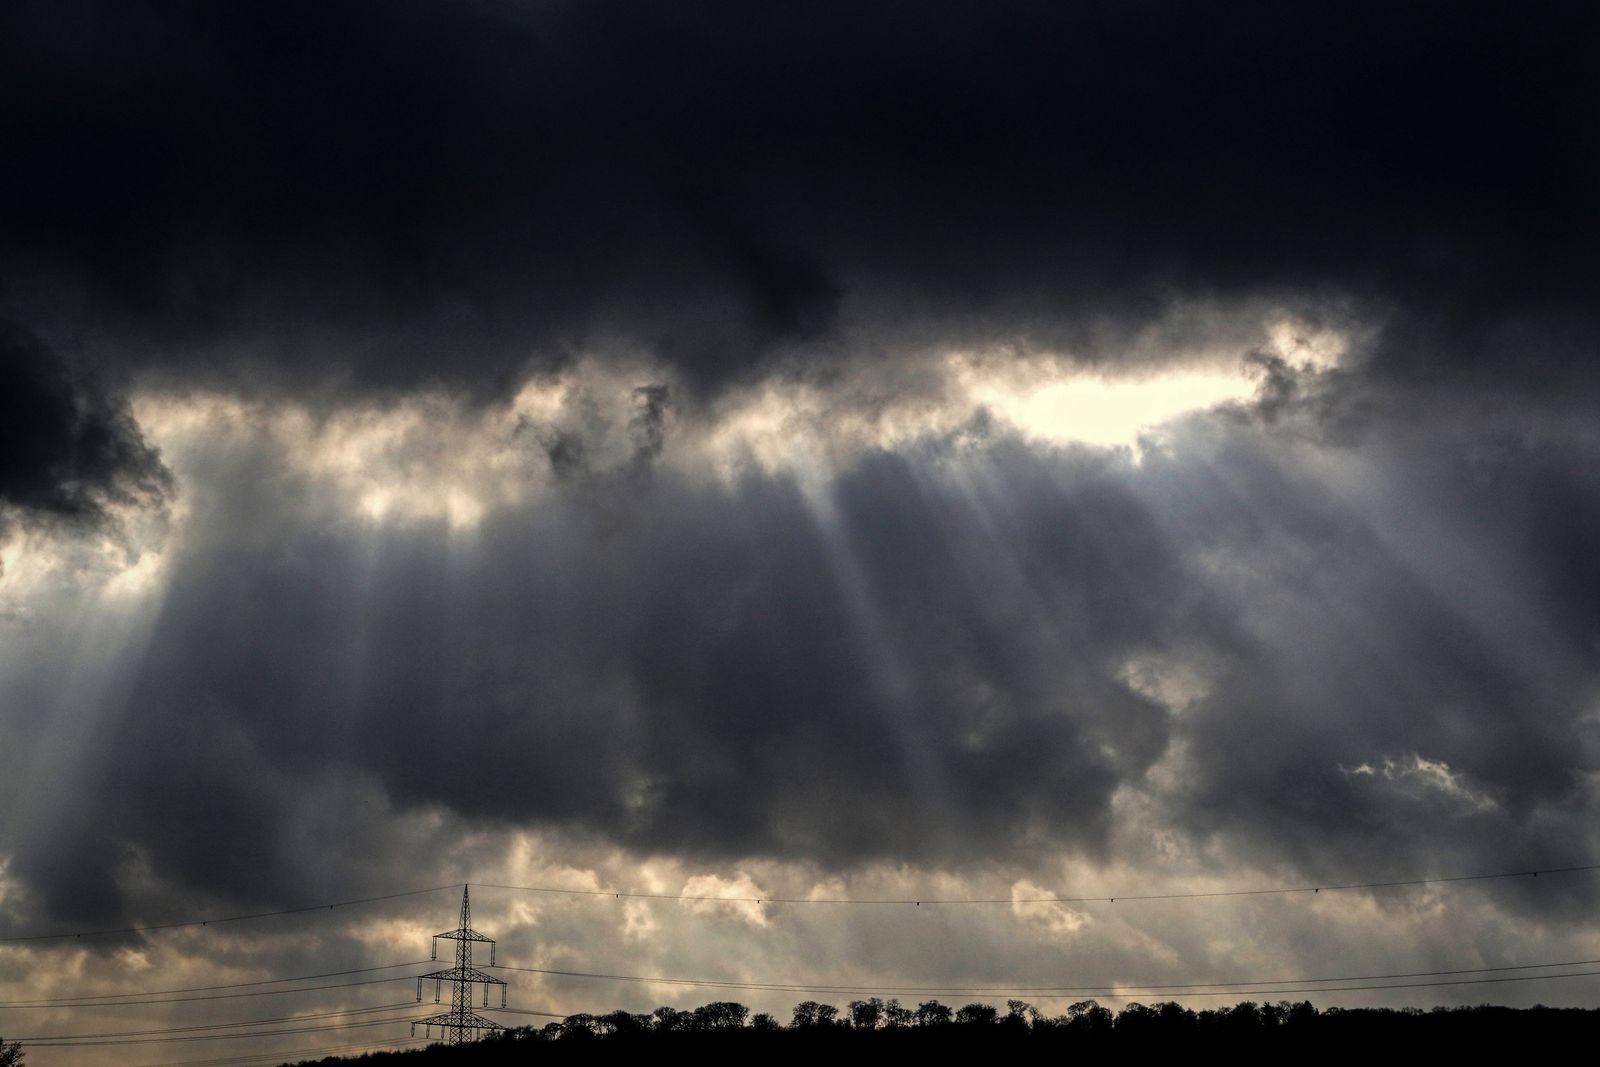 Ruhige Winterwetterlage Ruhiges Winterwetter mit trotzdem teils dramatischer Wolkenbildung im Gegenlicht, die sich zuneh